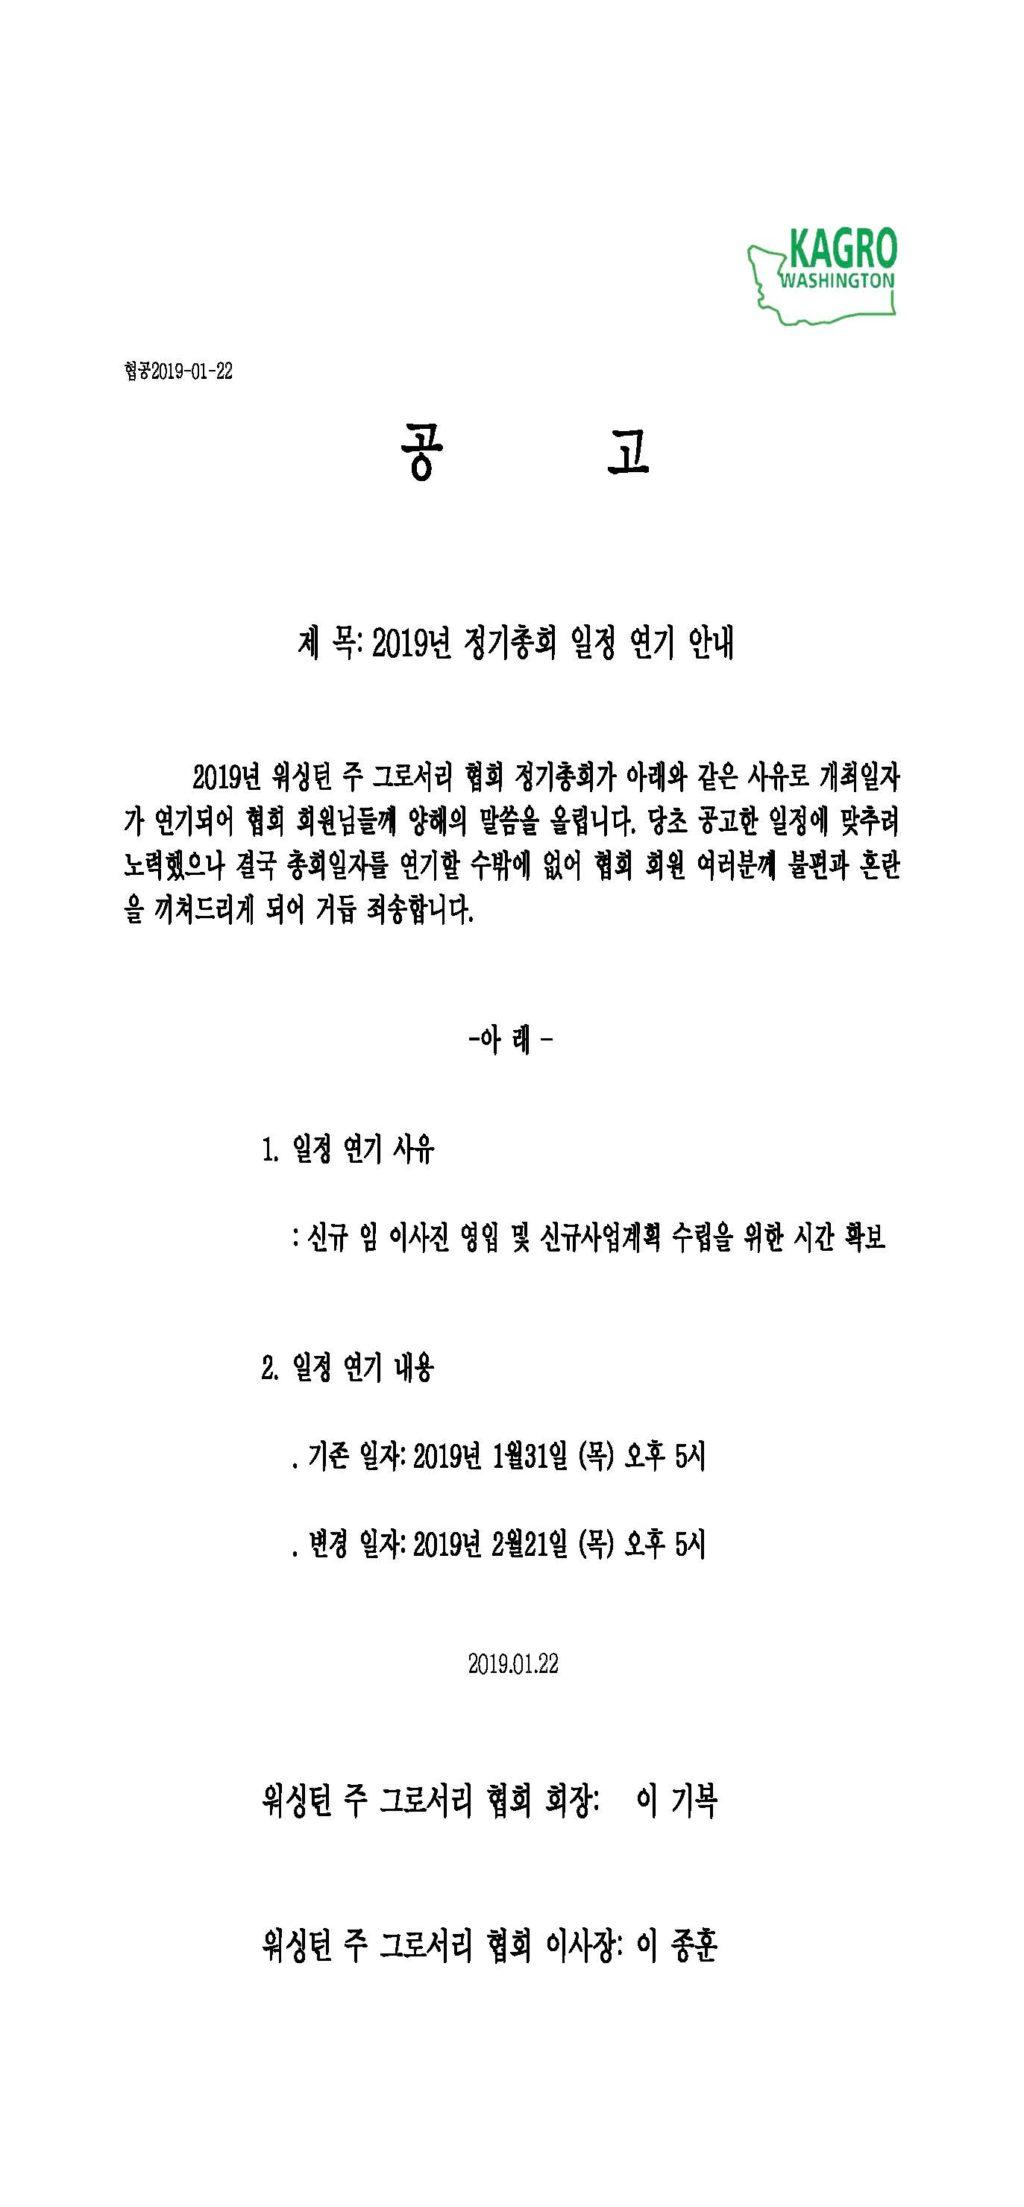 2019년 정기총회 일정 연기 안내